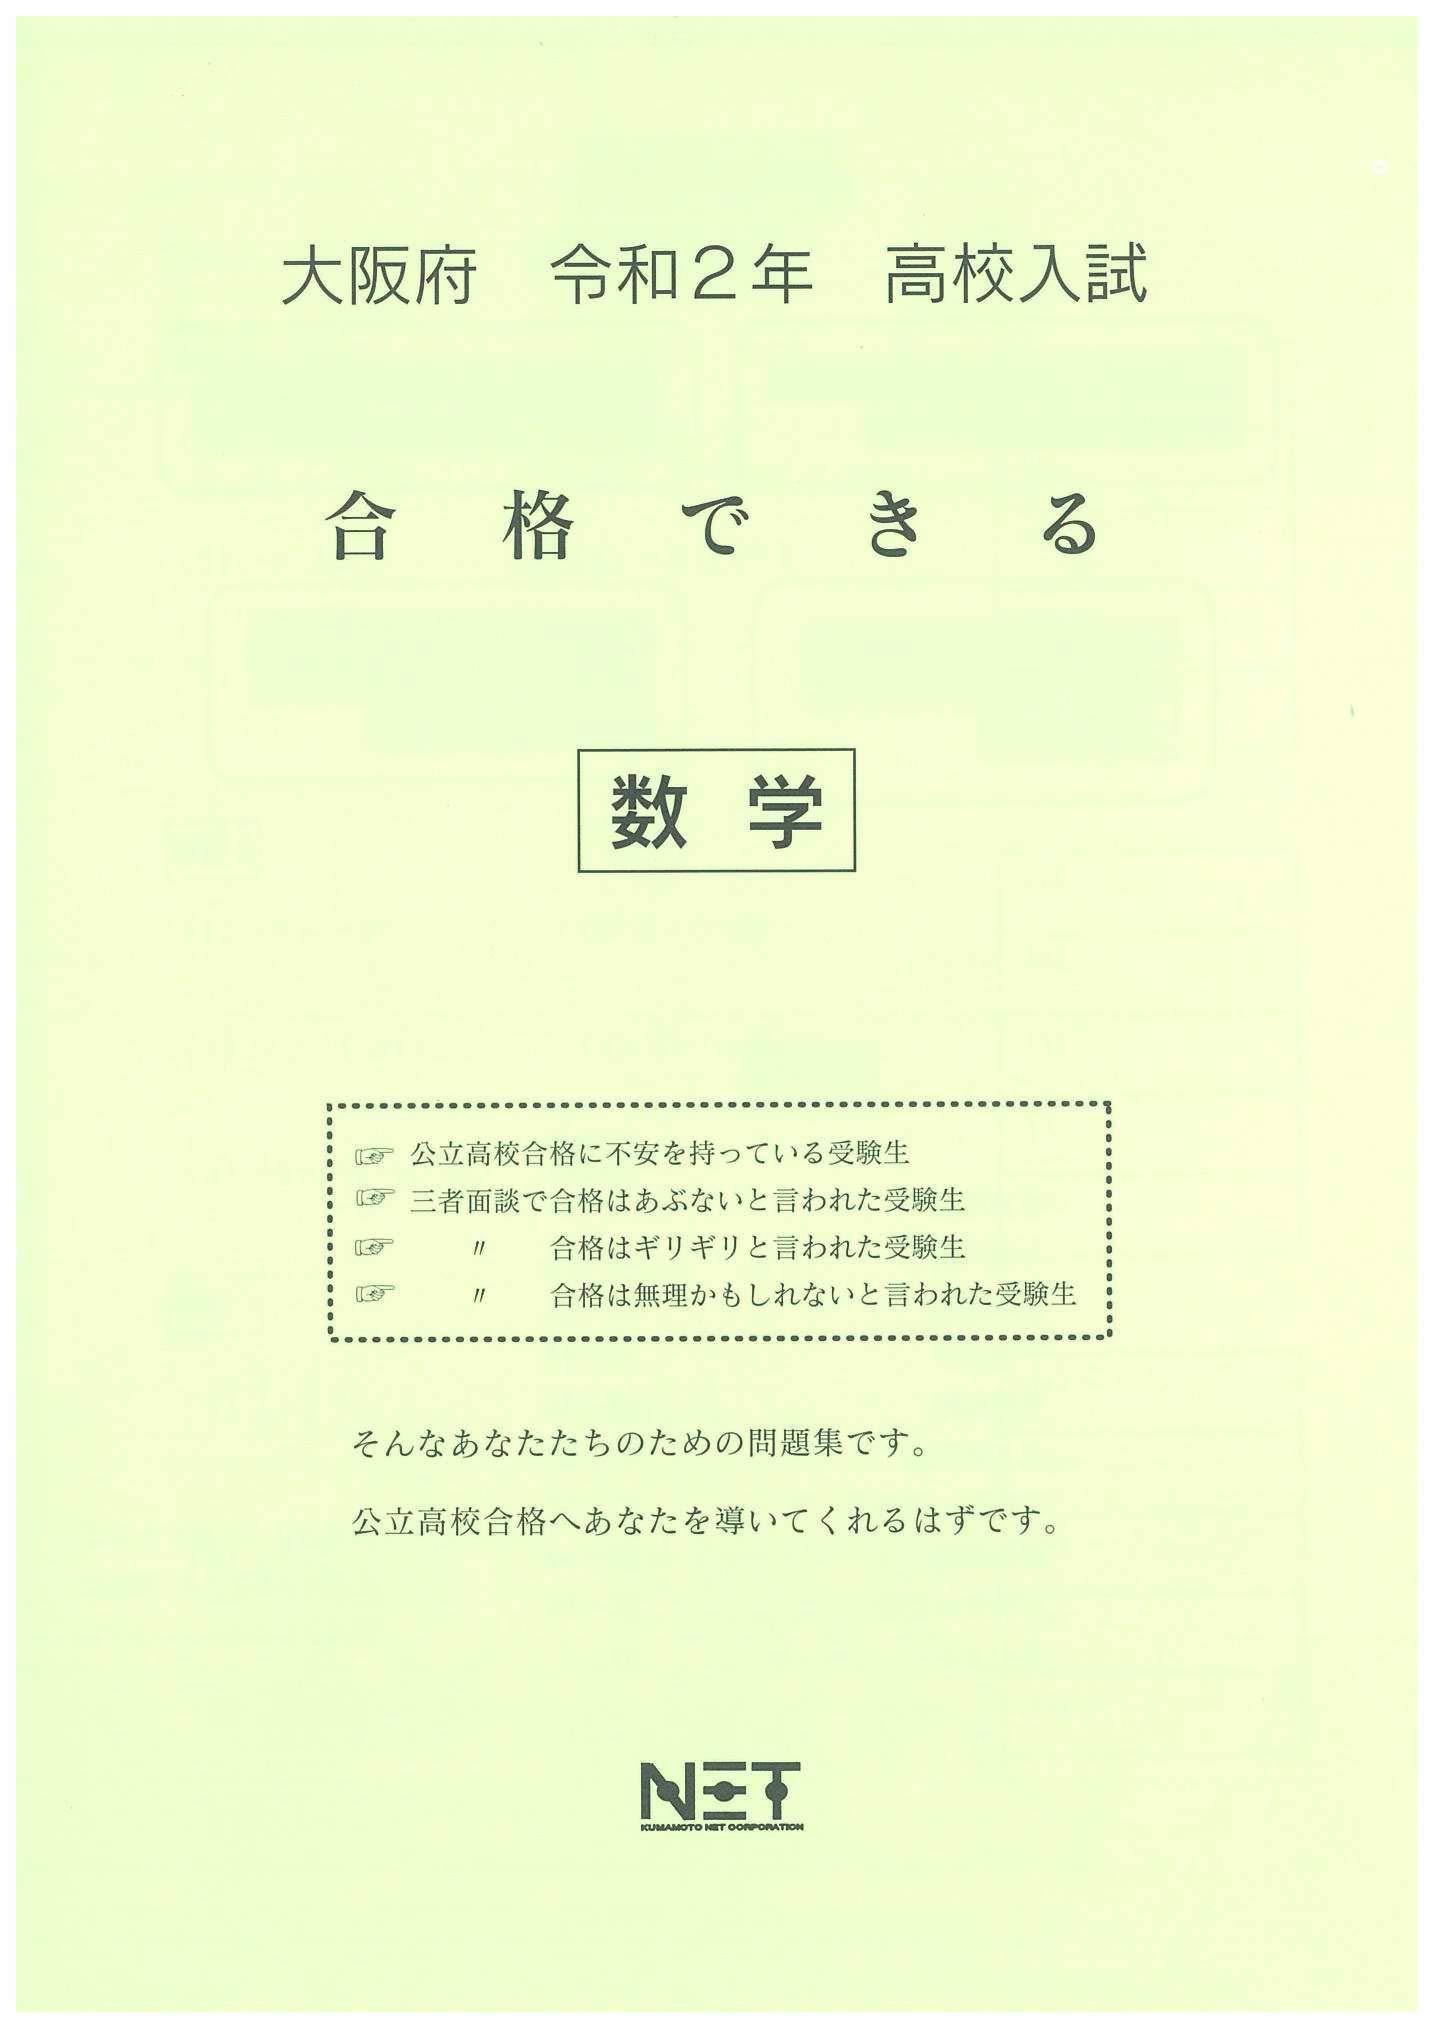 入試 高校 大阪 公立 府